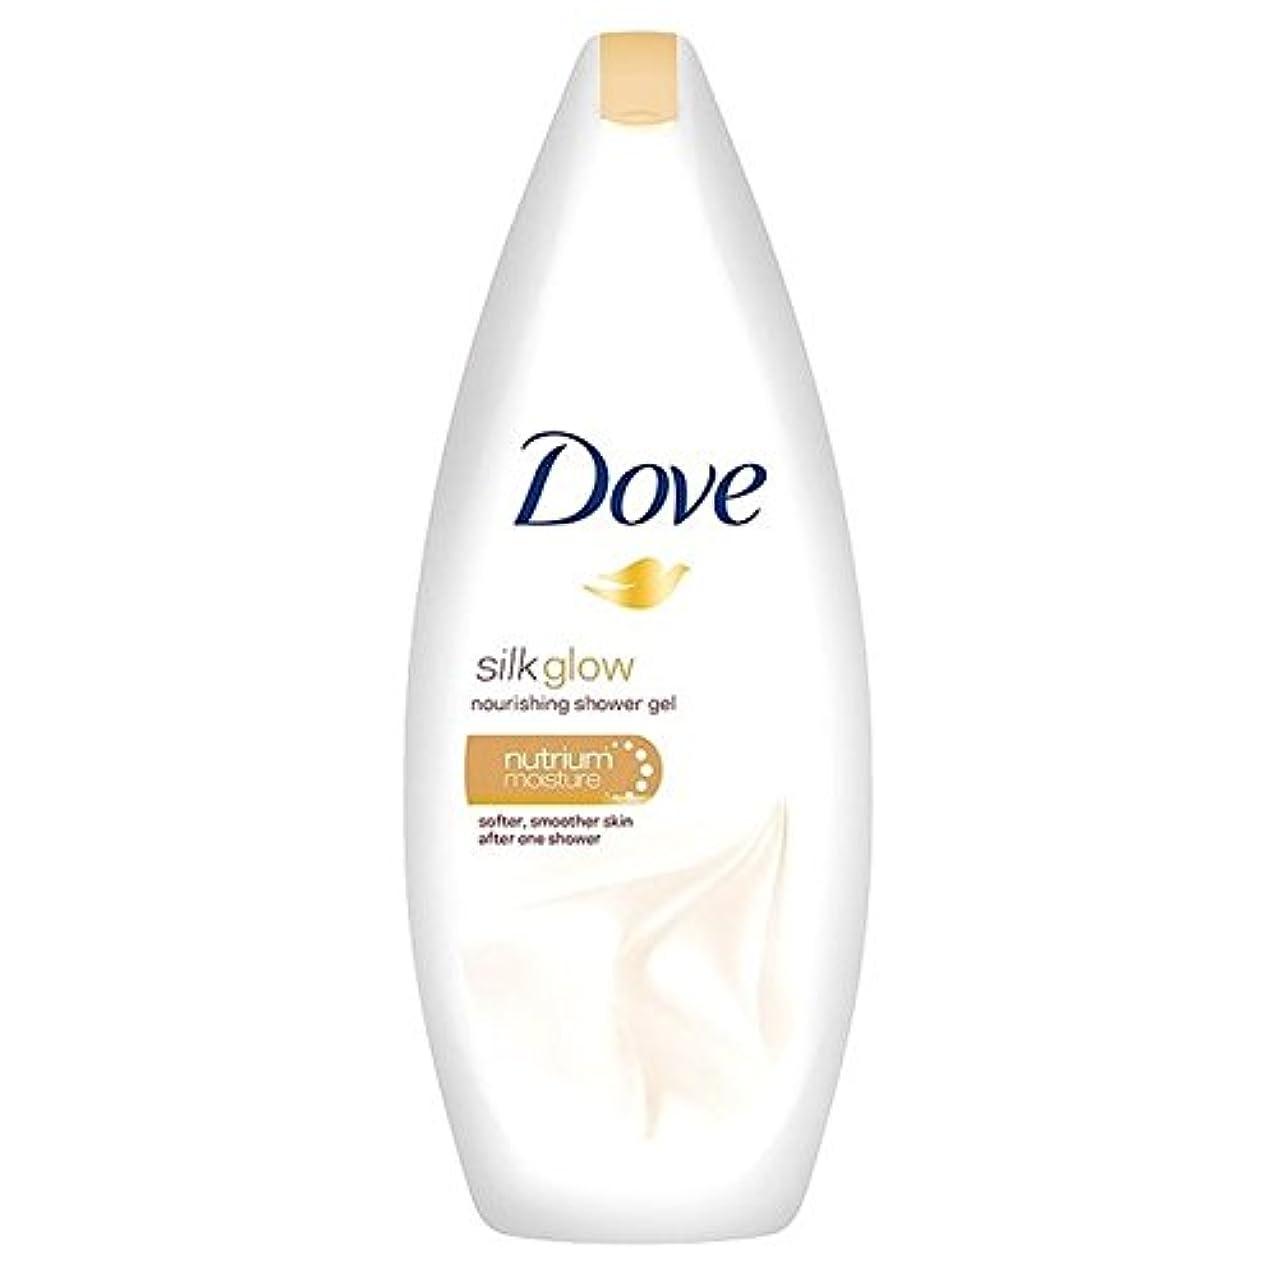 リファインバストジョブDove Silk Glow Nourishing Body Wash 250ml - 鳩のシルクは、栄養ボディウォッシュ250ミリリットルグロー [並行輸入品]